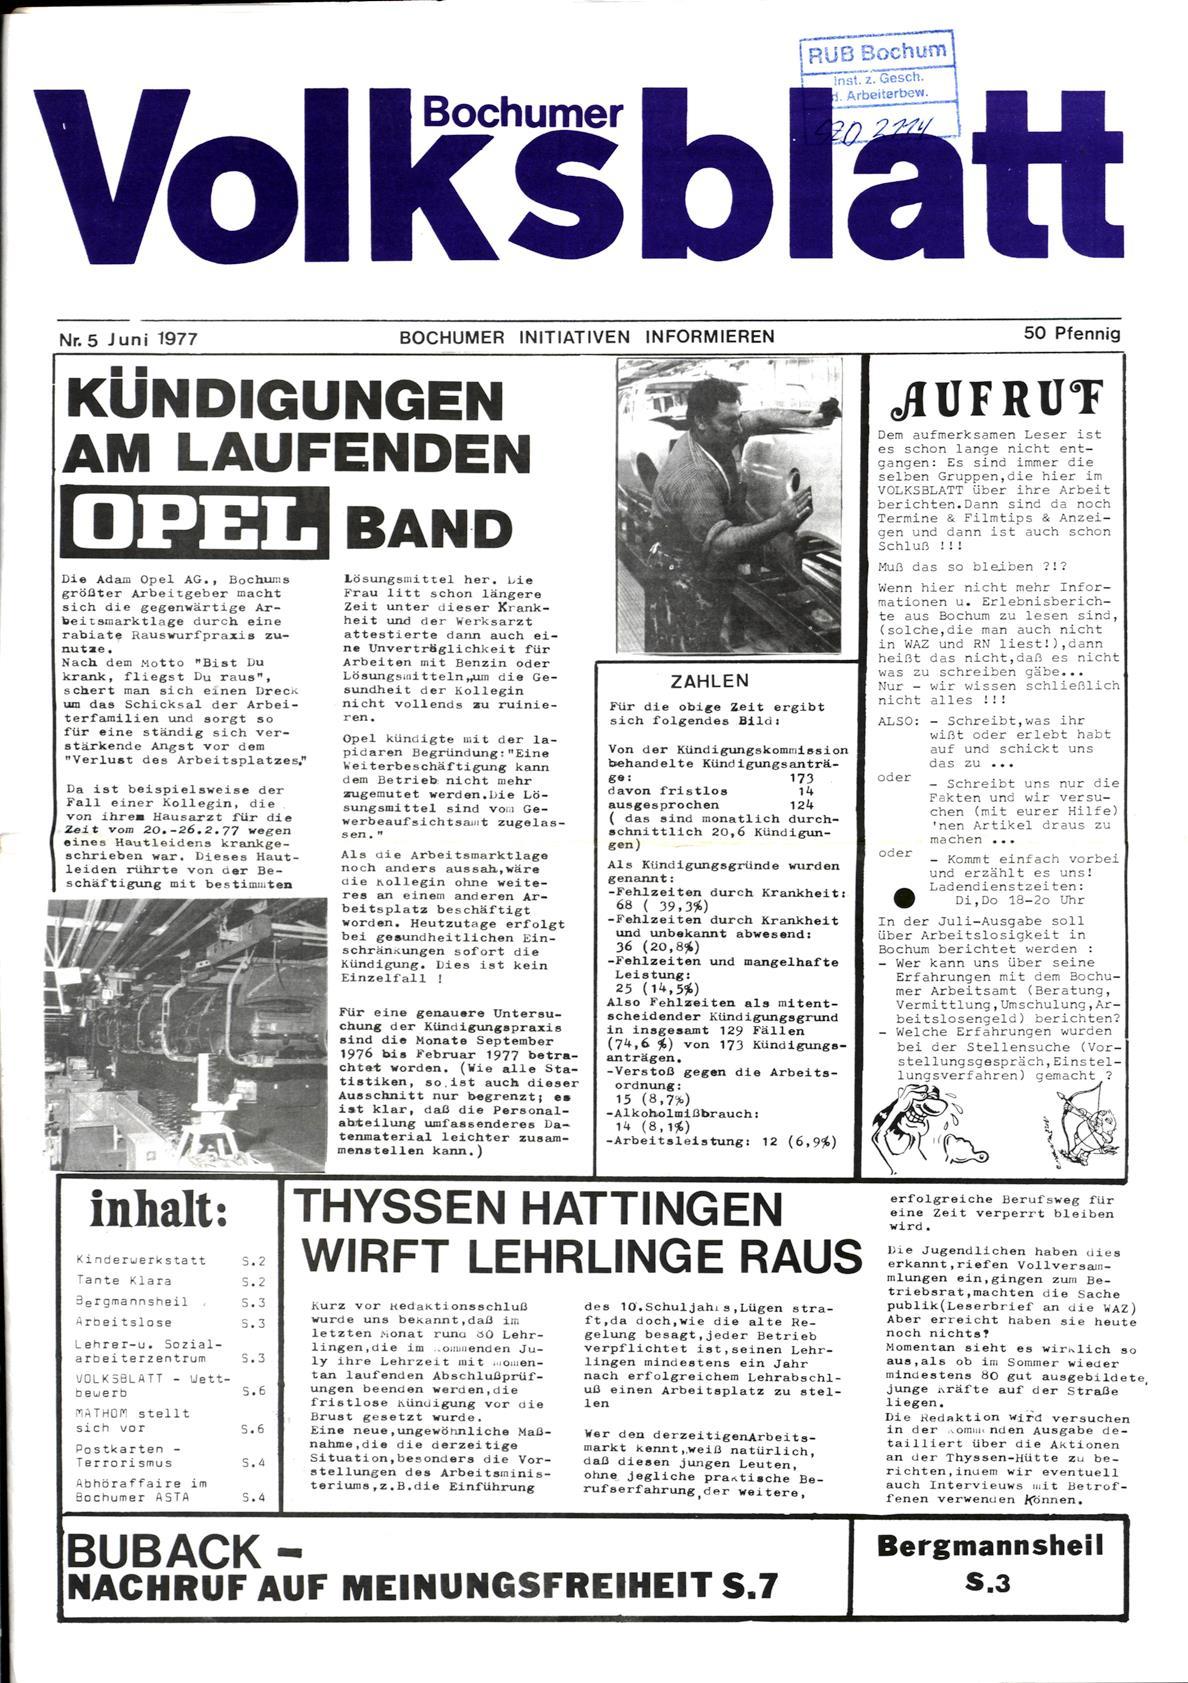 Bochum_Volksblatt_19770600_05_01